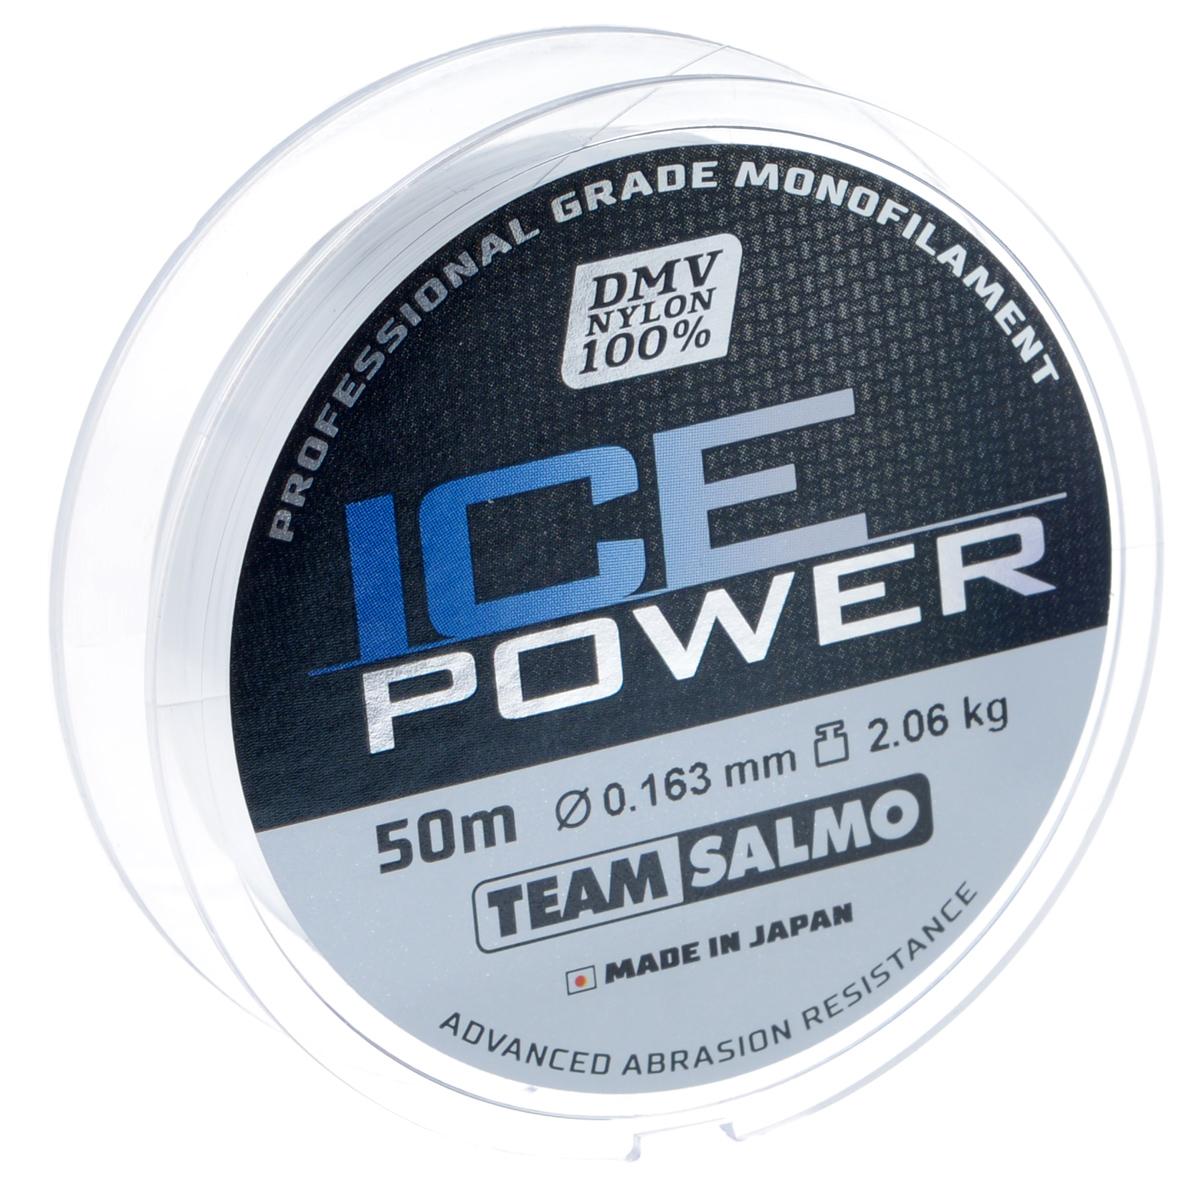 Леска монофильная Team Salmo Ice Power, сечение 0,163 мм, длина 50 м леска монофильная salmo tournament сечение 0 083 мм длина 50 м